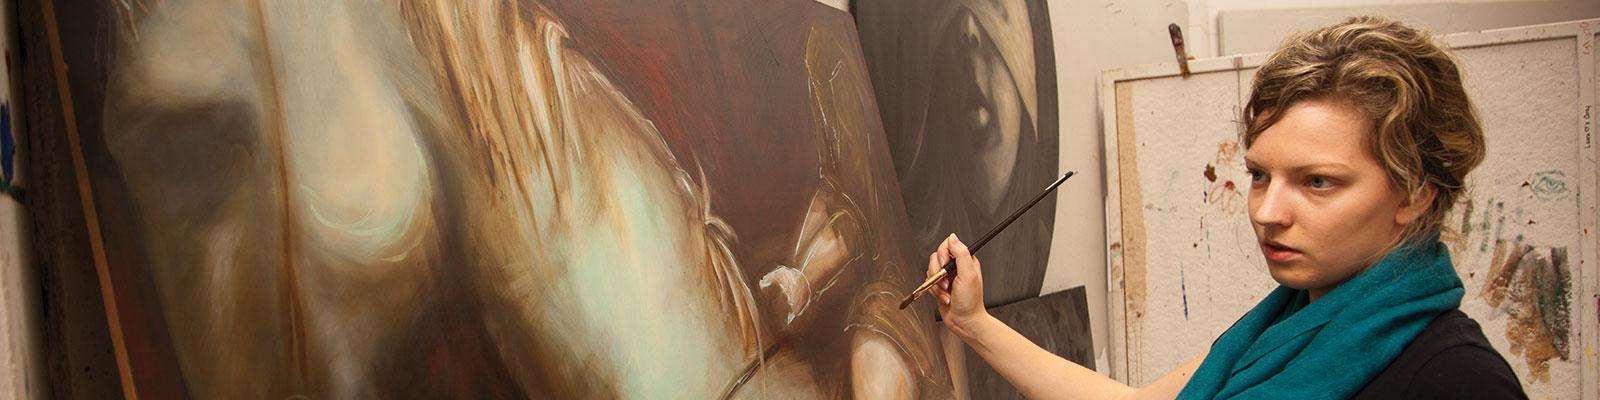 تحصیل رشته هنر در ایتالیا